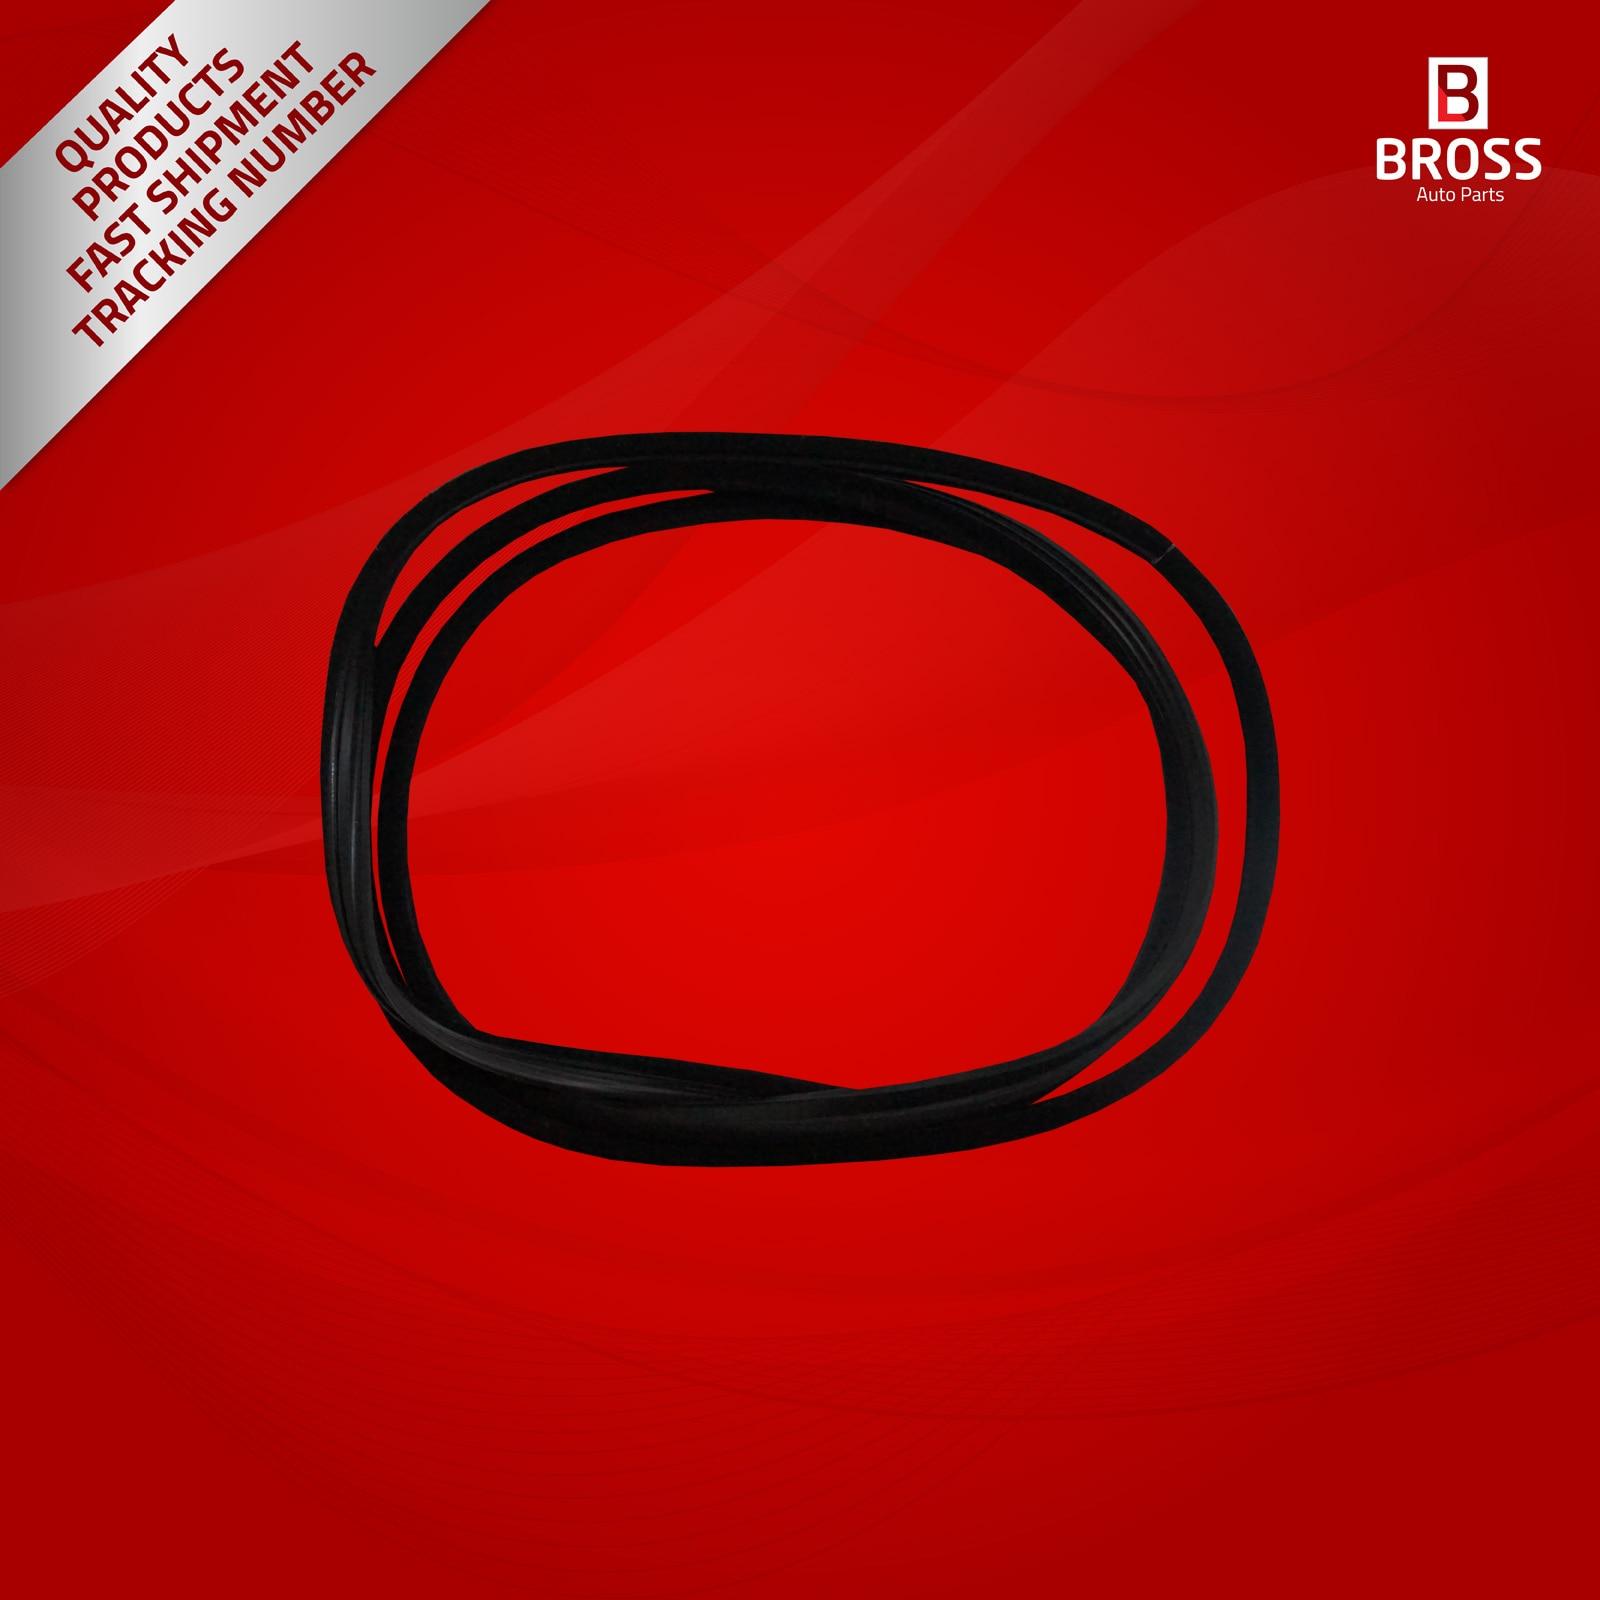 BSR550 Zonnedak Sliding Seal A1247800298 voor W124 W201 W202 W203